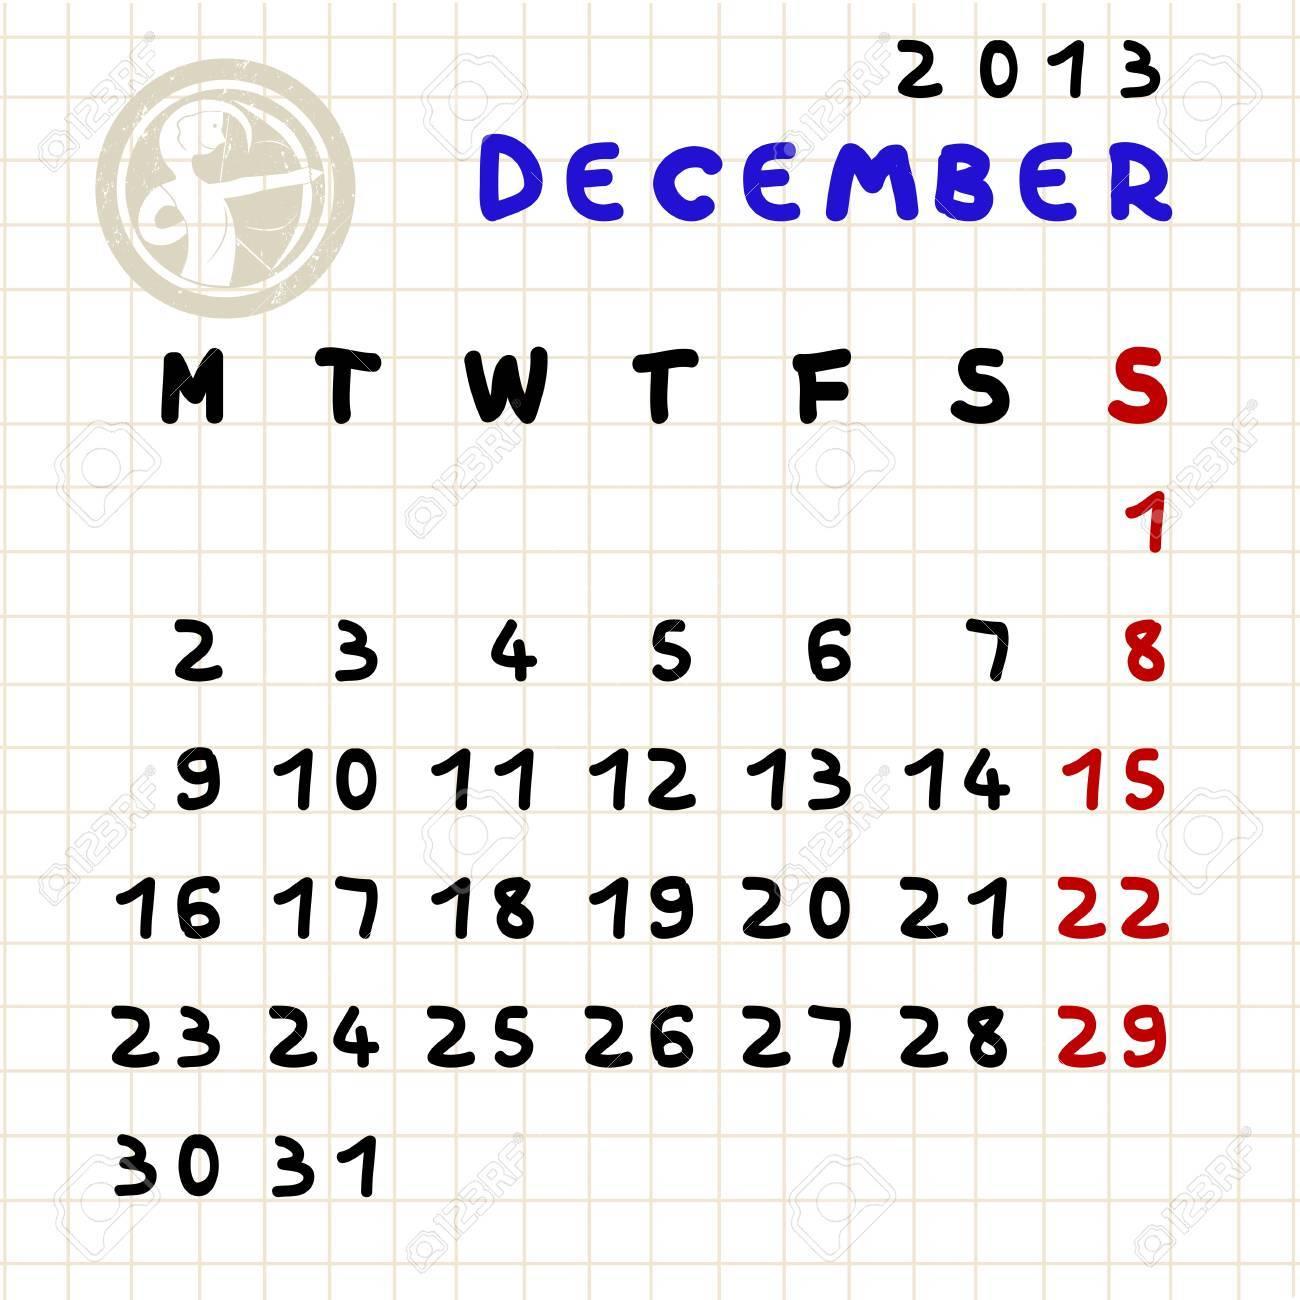 18 Dezember Sternzeichen 2013 monatskalender dezember 2013 und schütze sternzeichen stempel